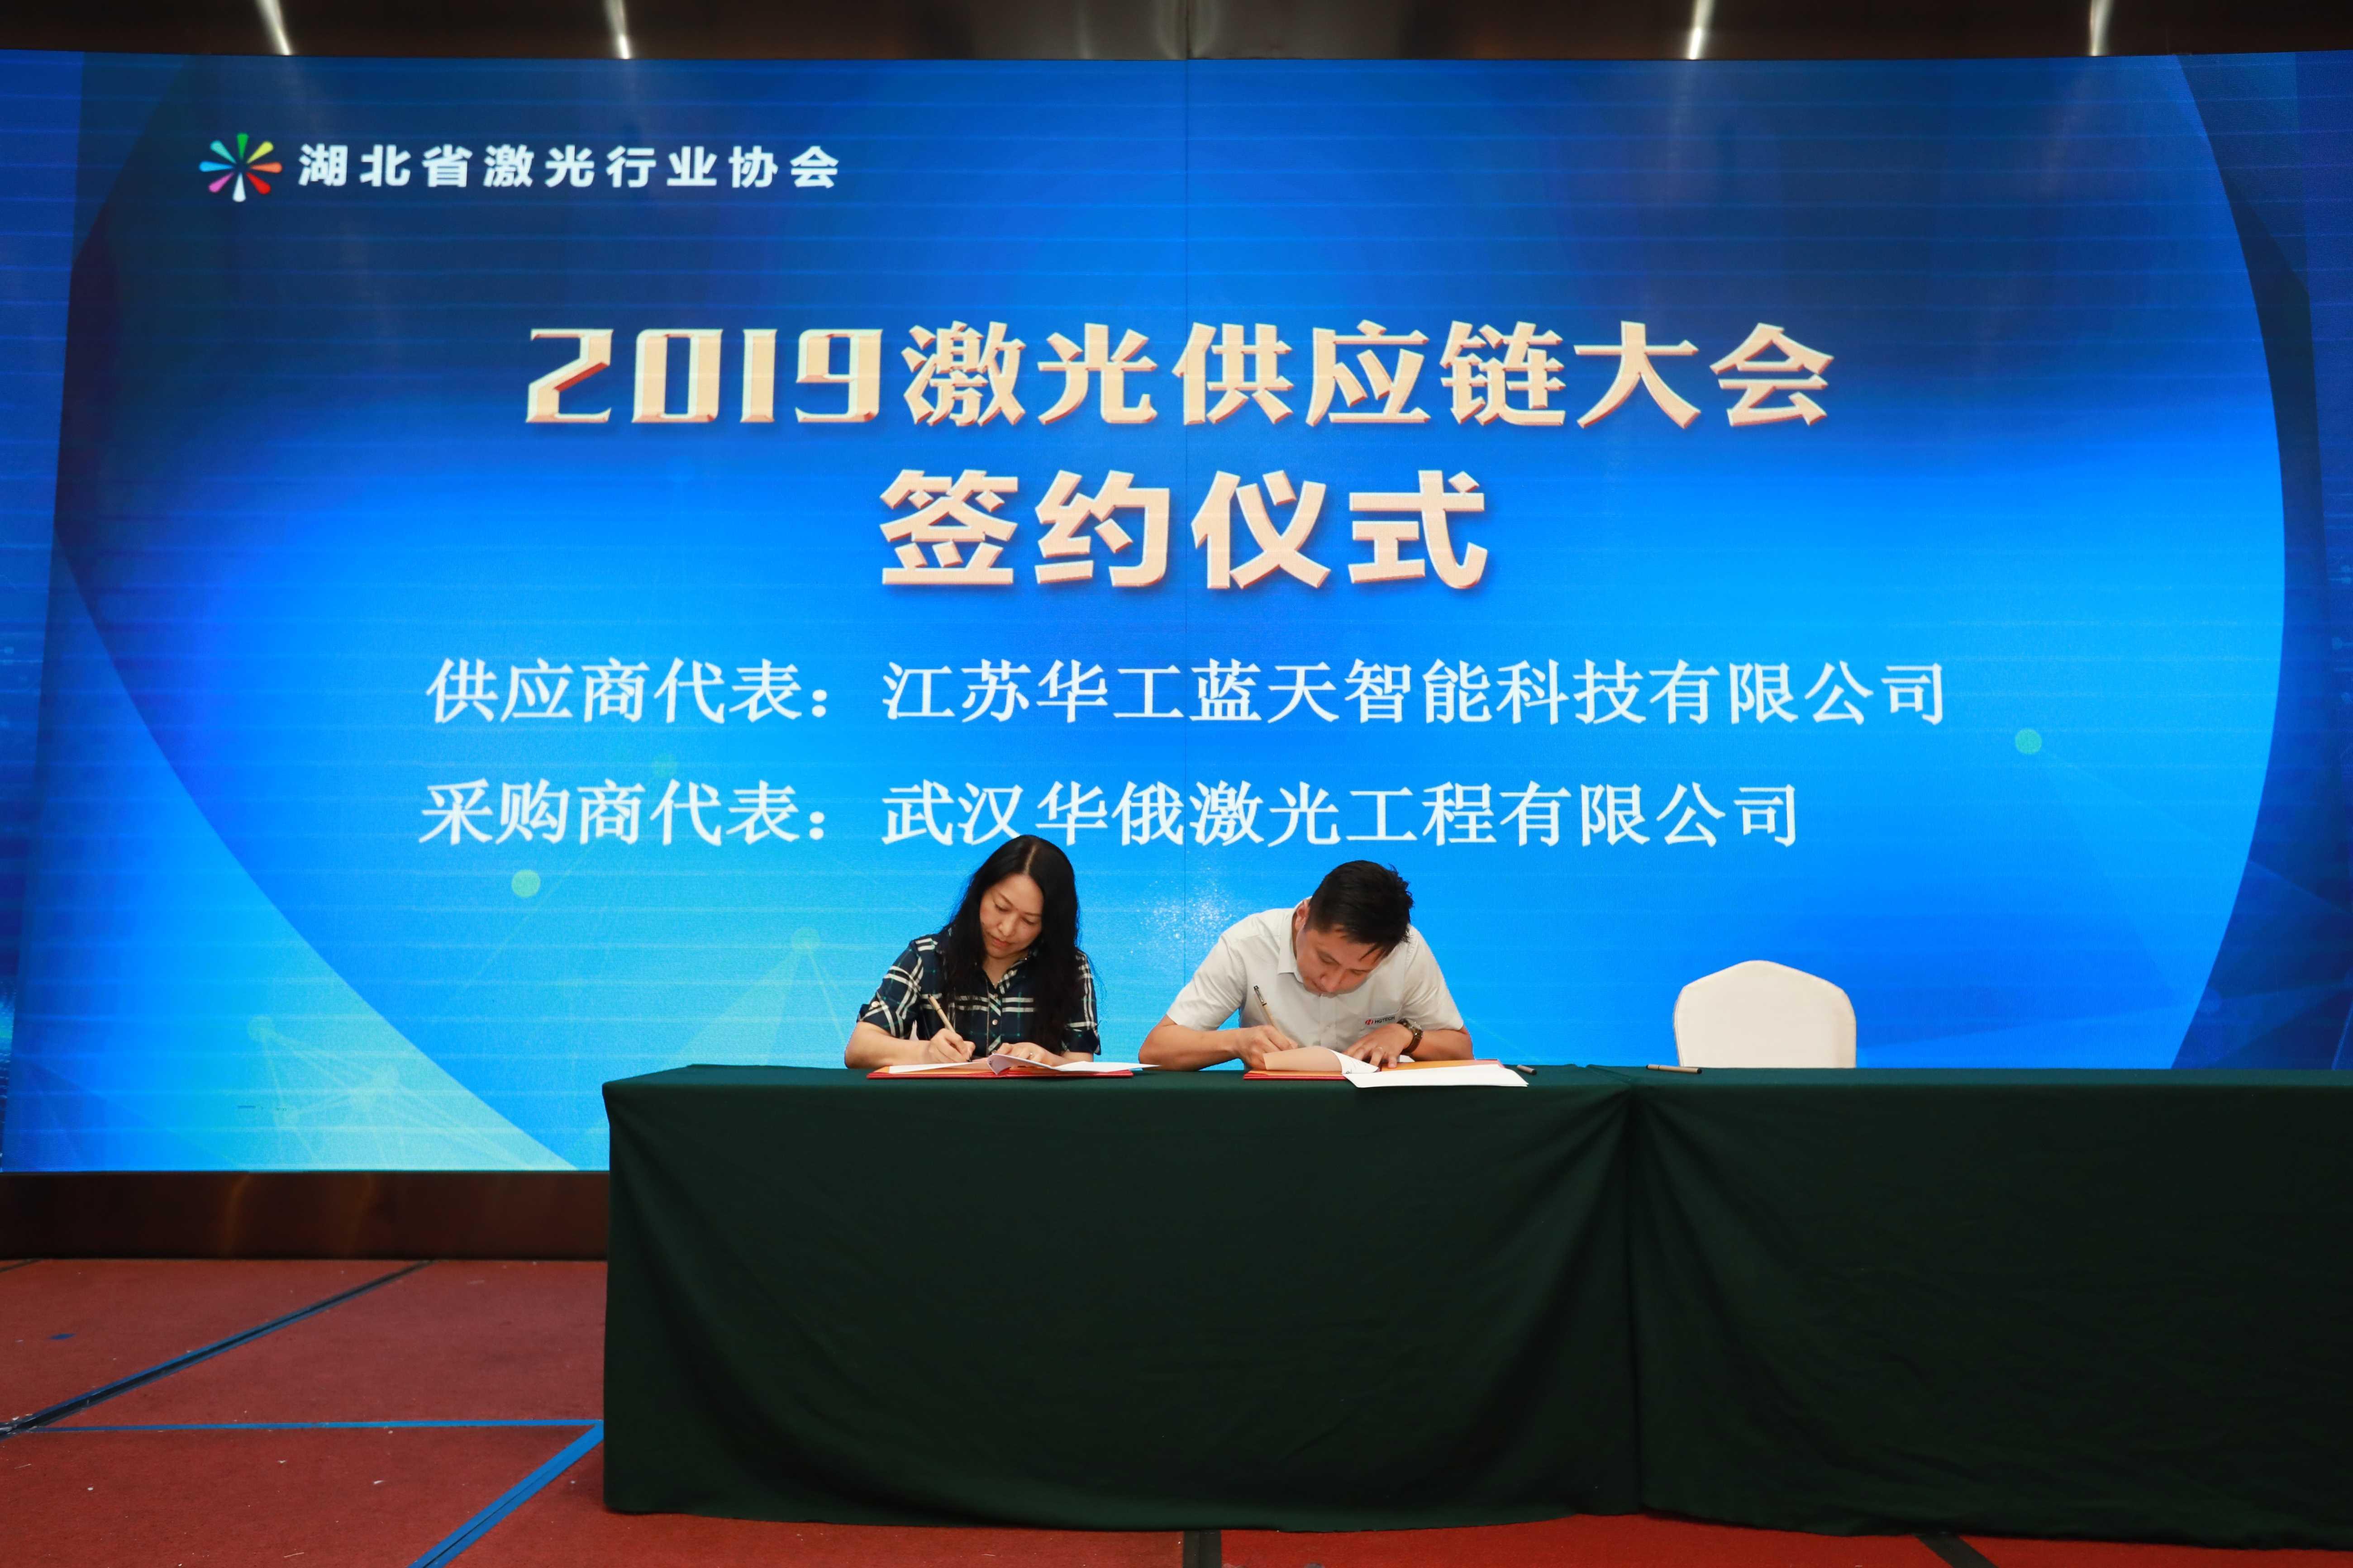 2019激光供应链大会新闻照片-签约9